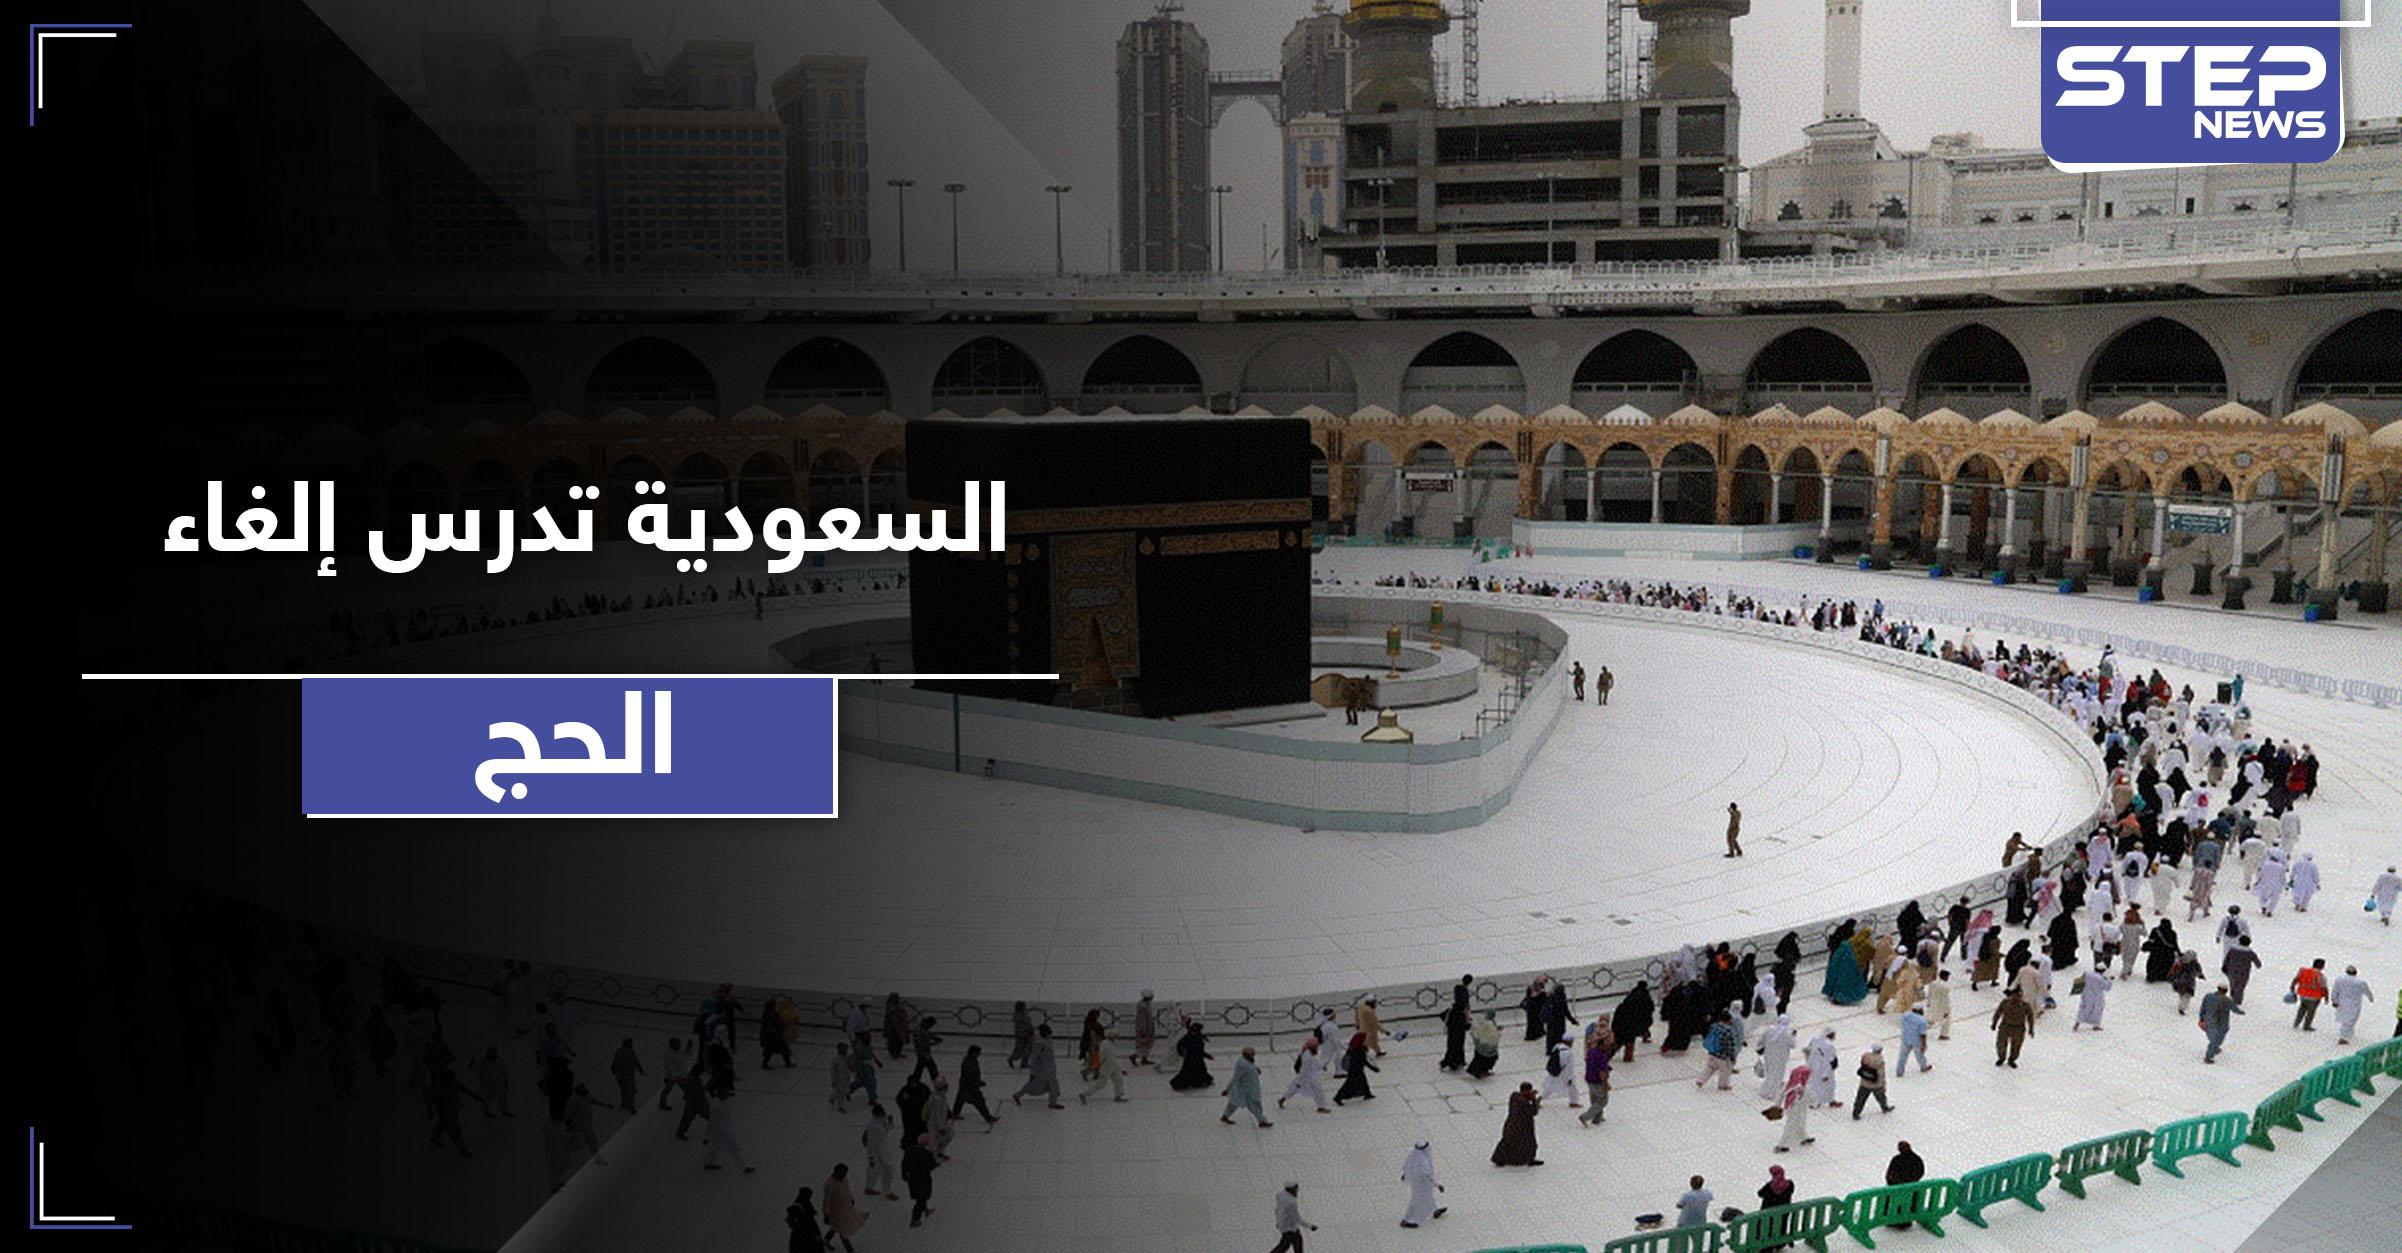 السعودية تدرس إلغاء الحج لعام 2020